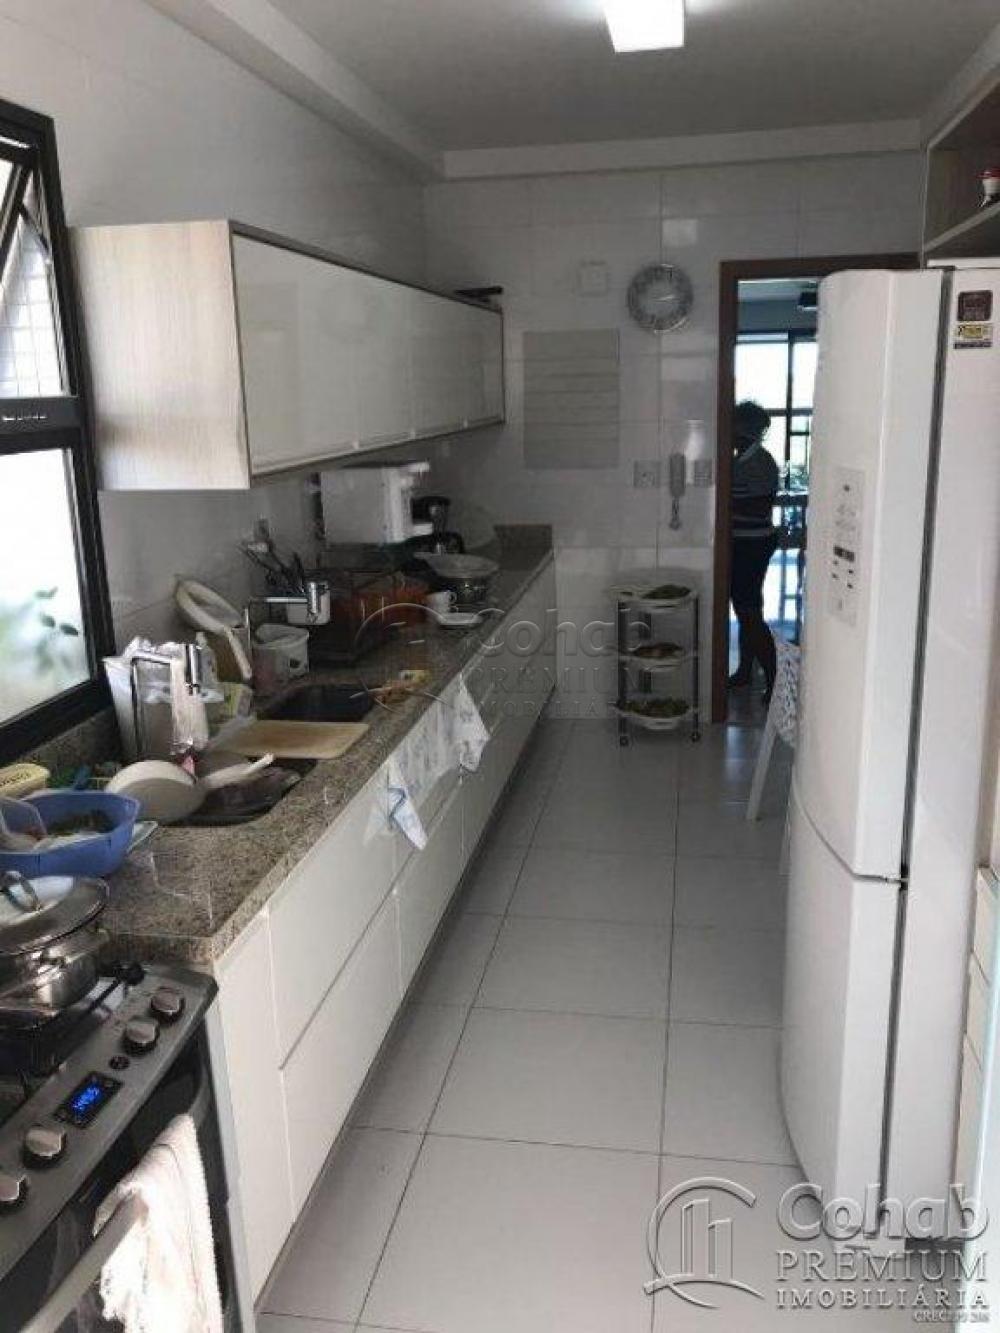 Comprar Apartamento / Padrão em Aracaju apenas R$ 1.450.000,00 - Foto 17